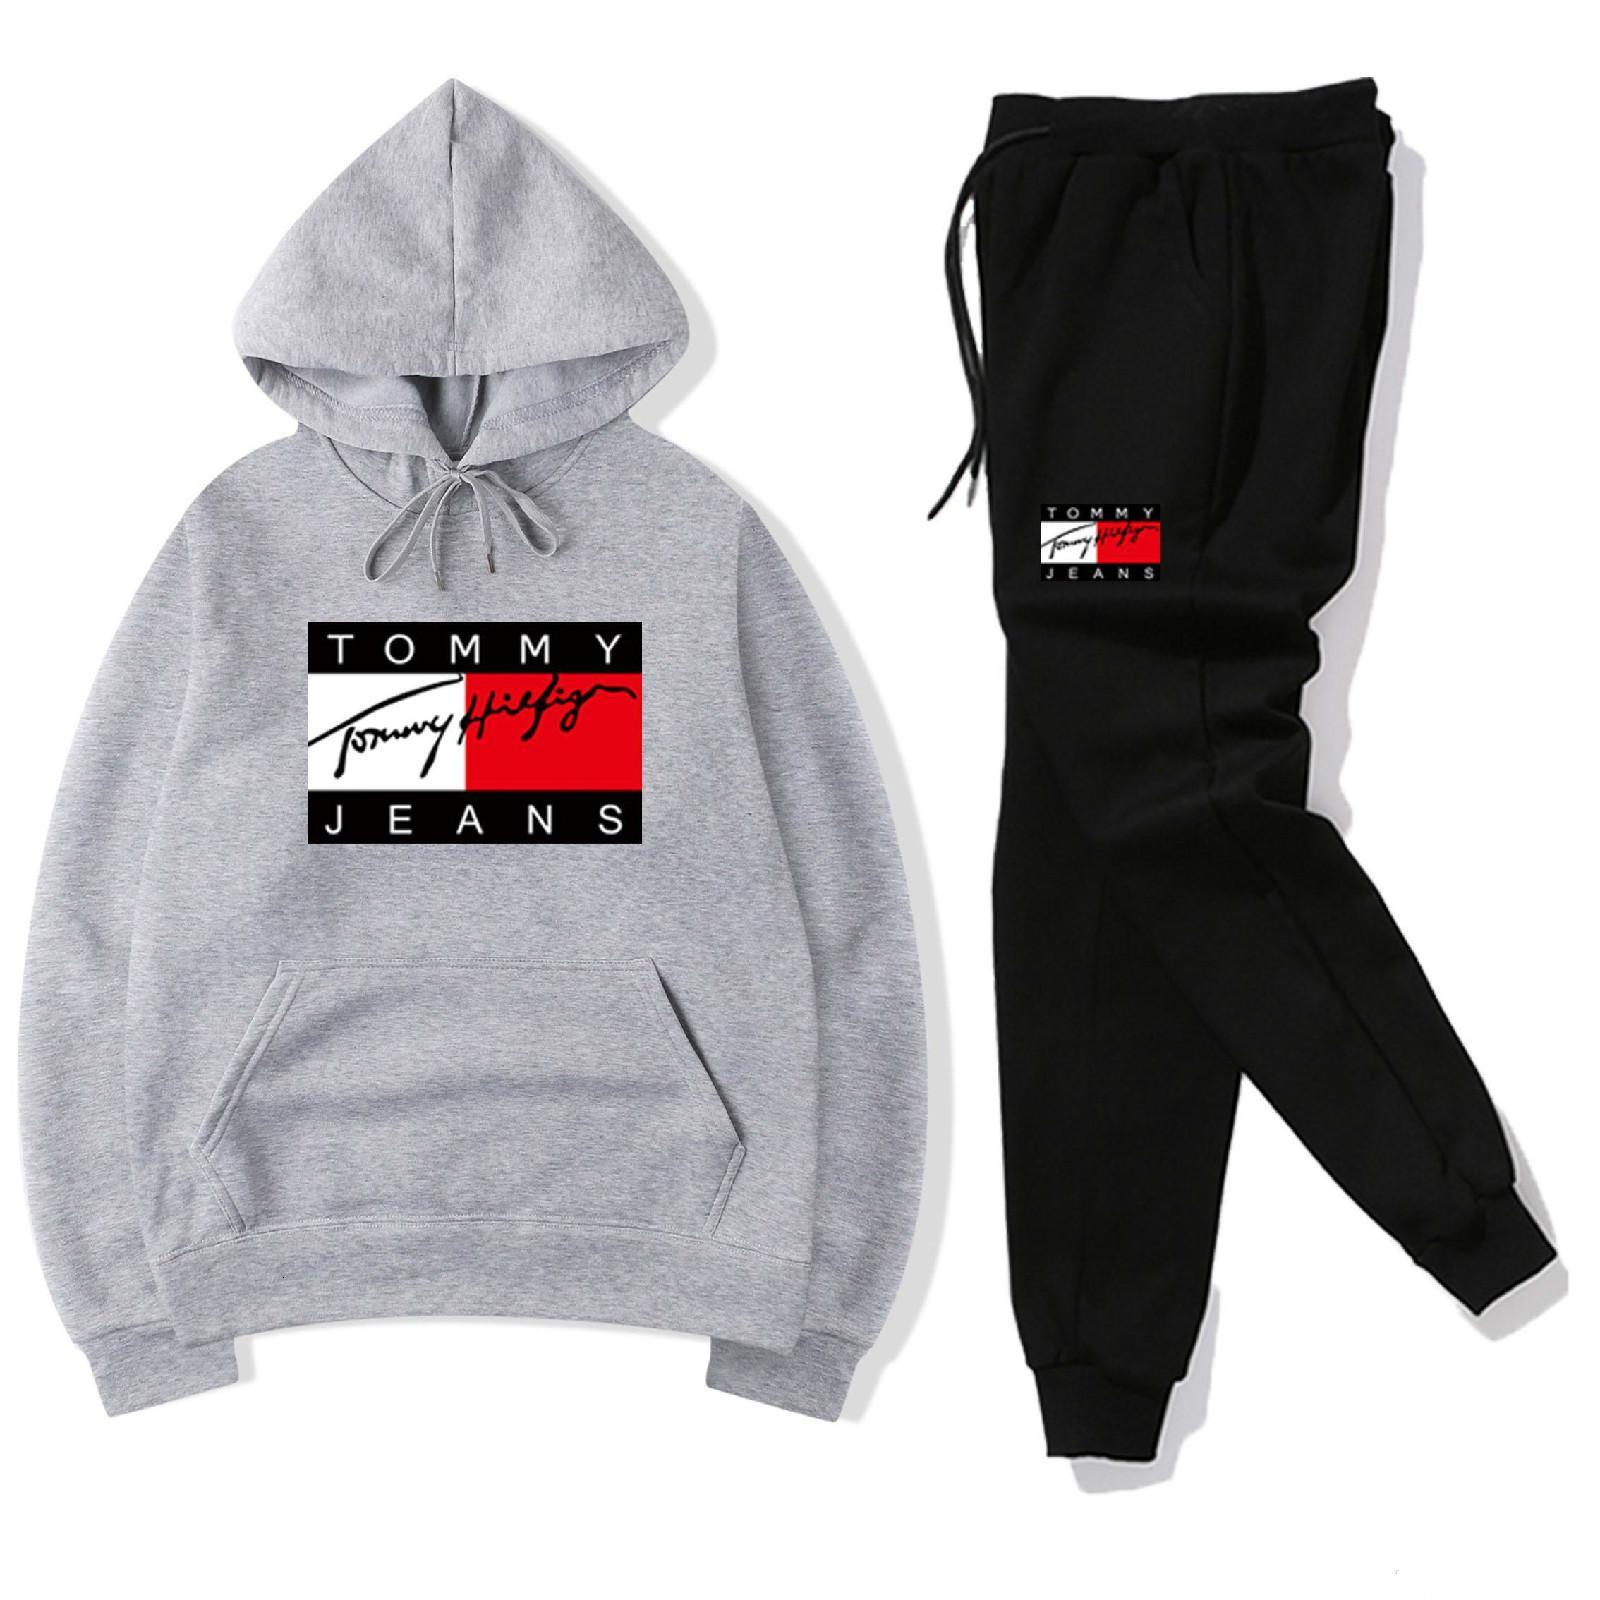 Suits Koşu Erkekler ler beyaz eşofman Spor Setleri kapalı Tasarımcı Kapüşonlular Erkekler Sweatshirt Takım Elbise Erkek pantolon Marka Giyim 14 tarzını gevşek